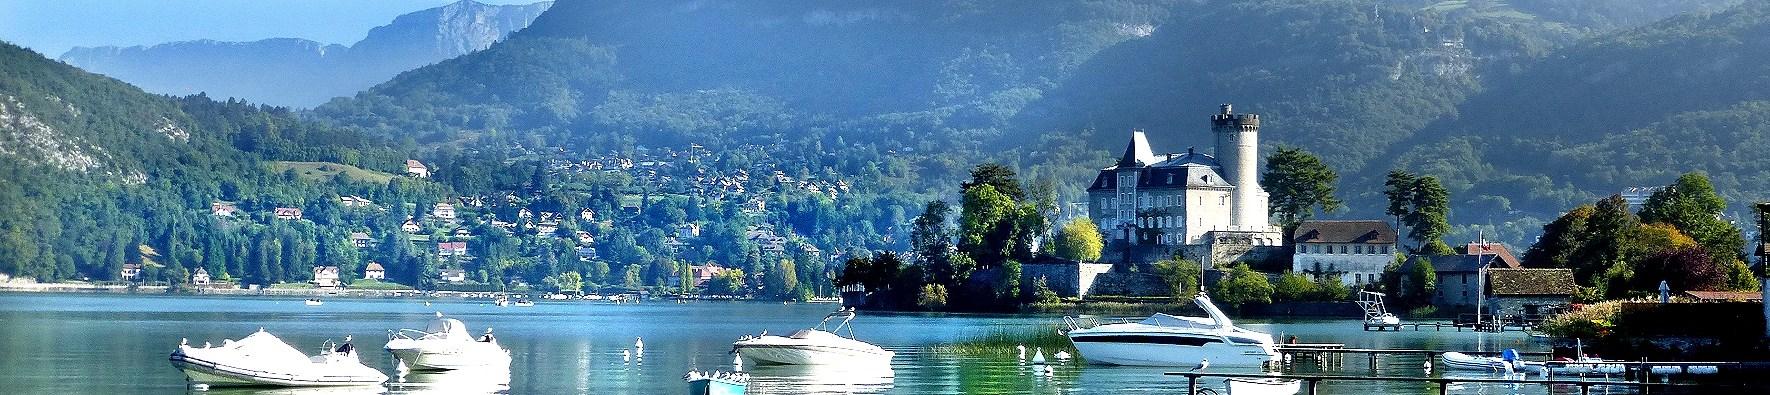 Chateau sur lac d' annecy